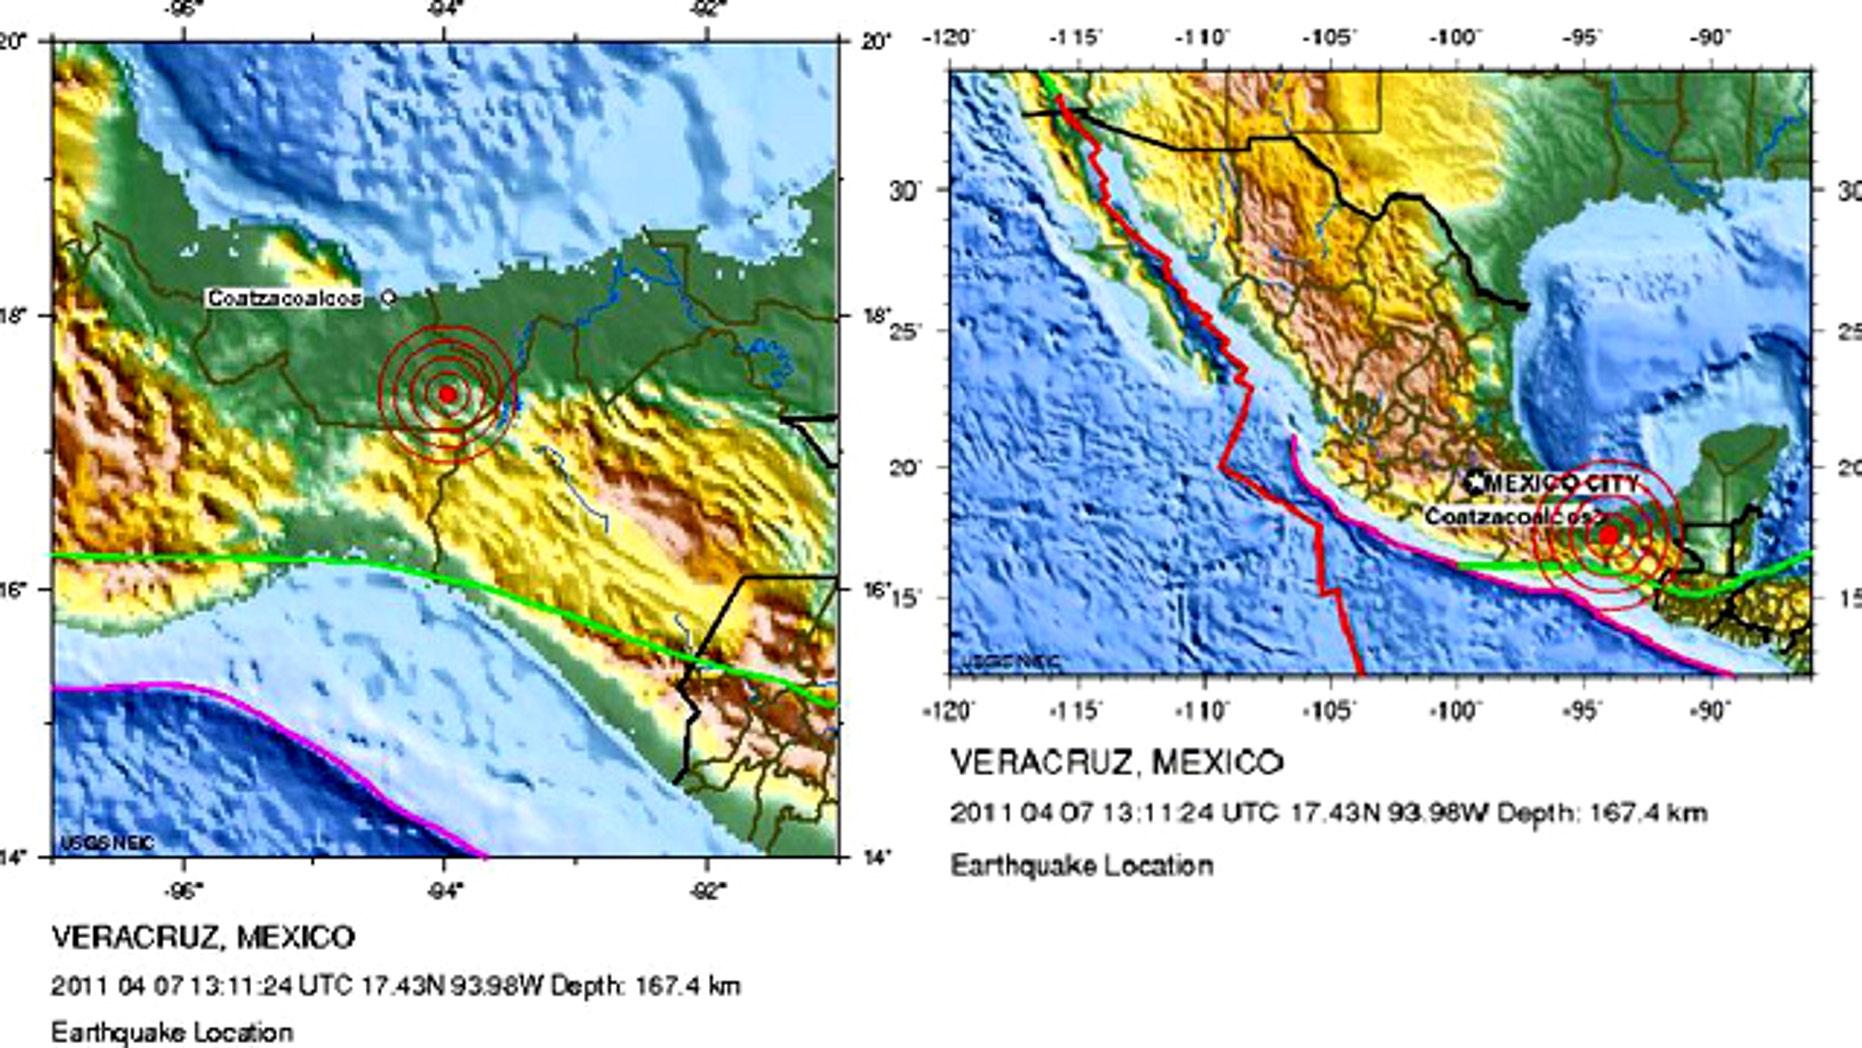 A magnitude 6.5 earthquake struck Mexico early Thursday morning.